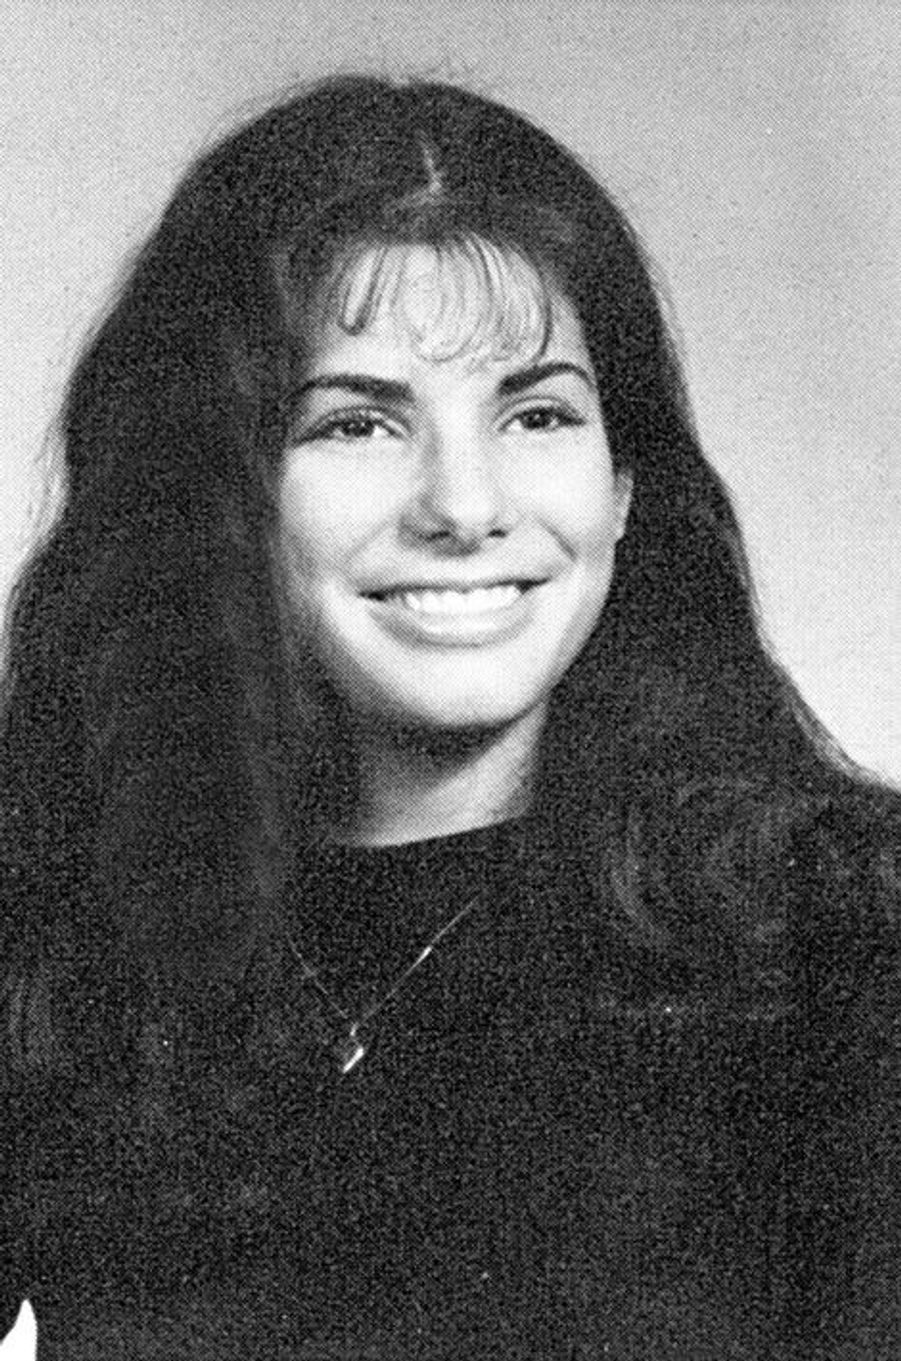 Découvrez le nom de cette star en surlignant le texte ci-après: =><font color=black><b>Sandra Bullock en 1982.</font></b><=<br><br><br>